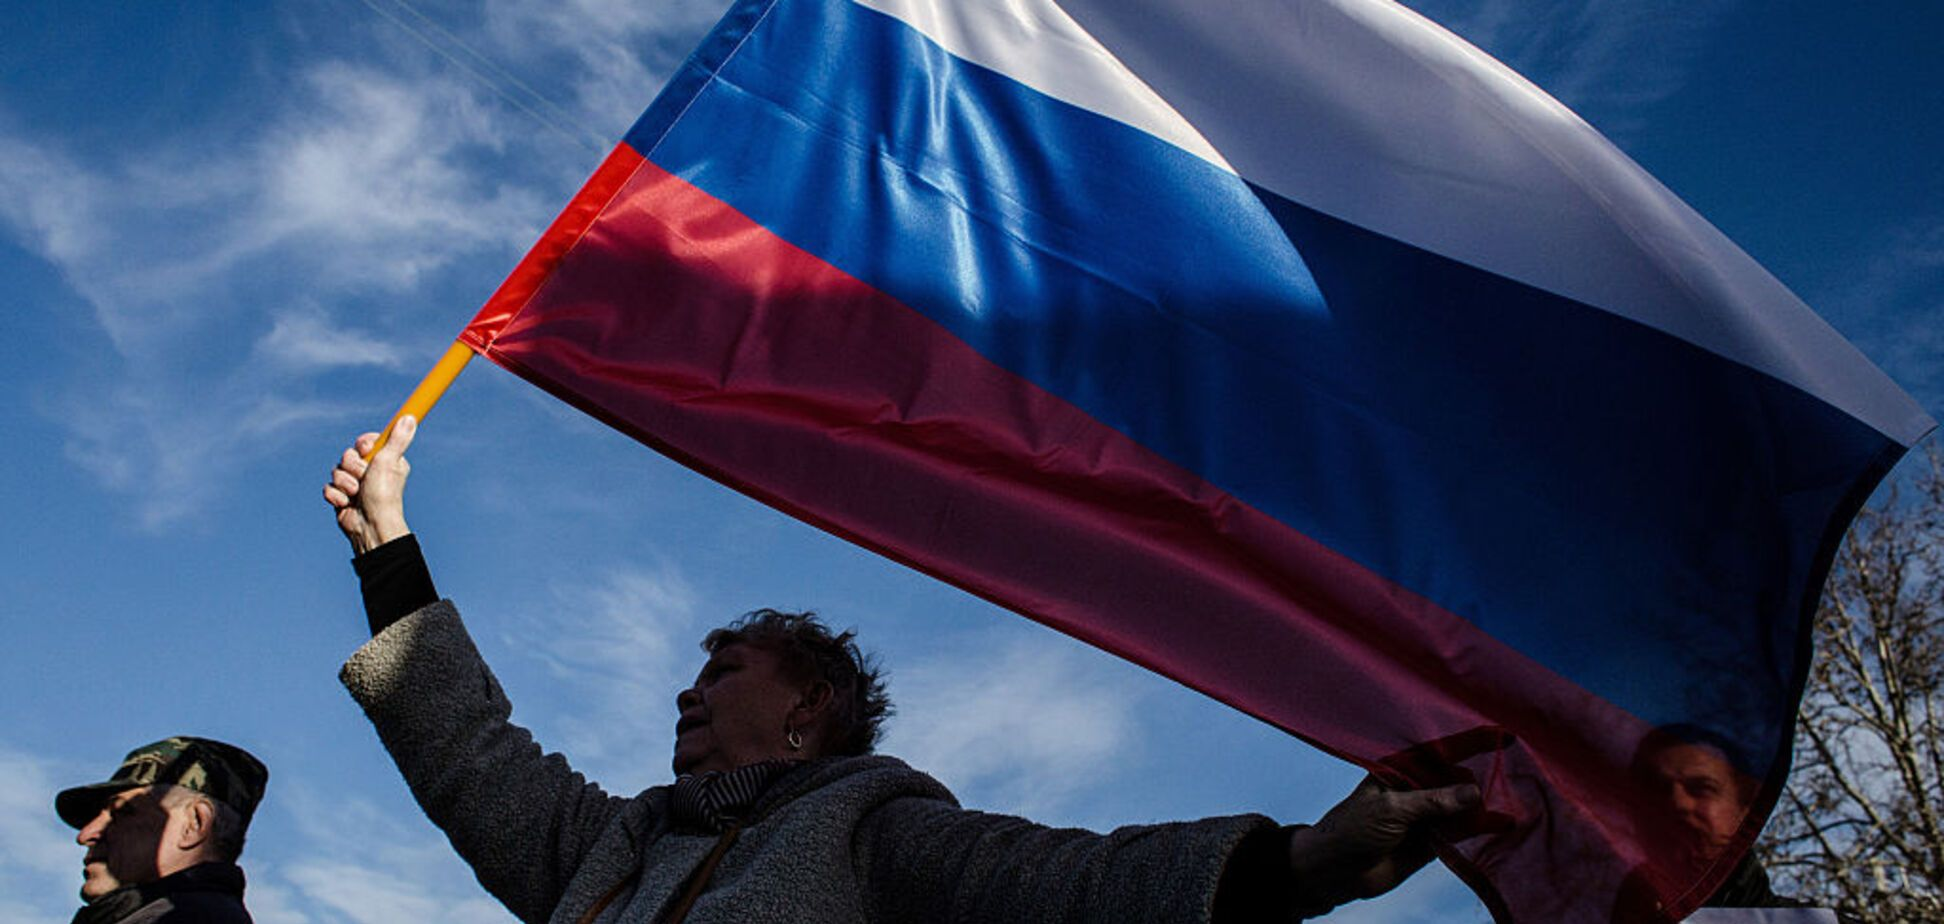 Це діагноз: росіянин жорстко зганьбився на весь світ